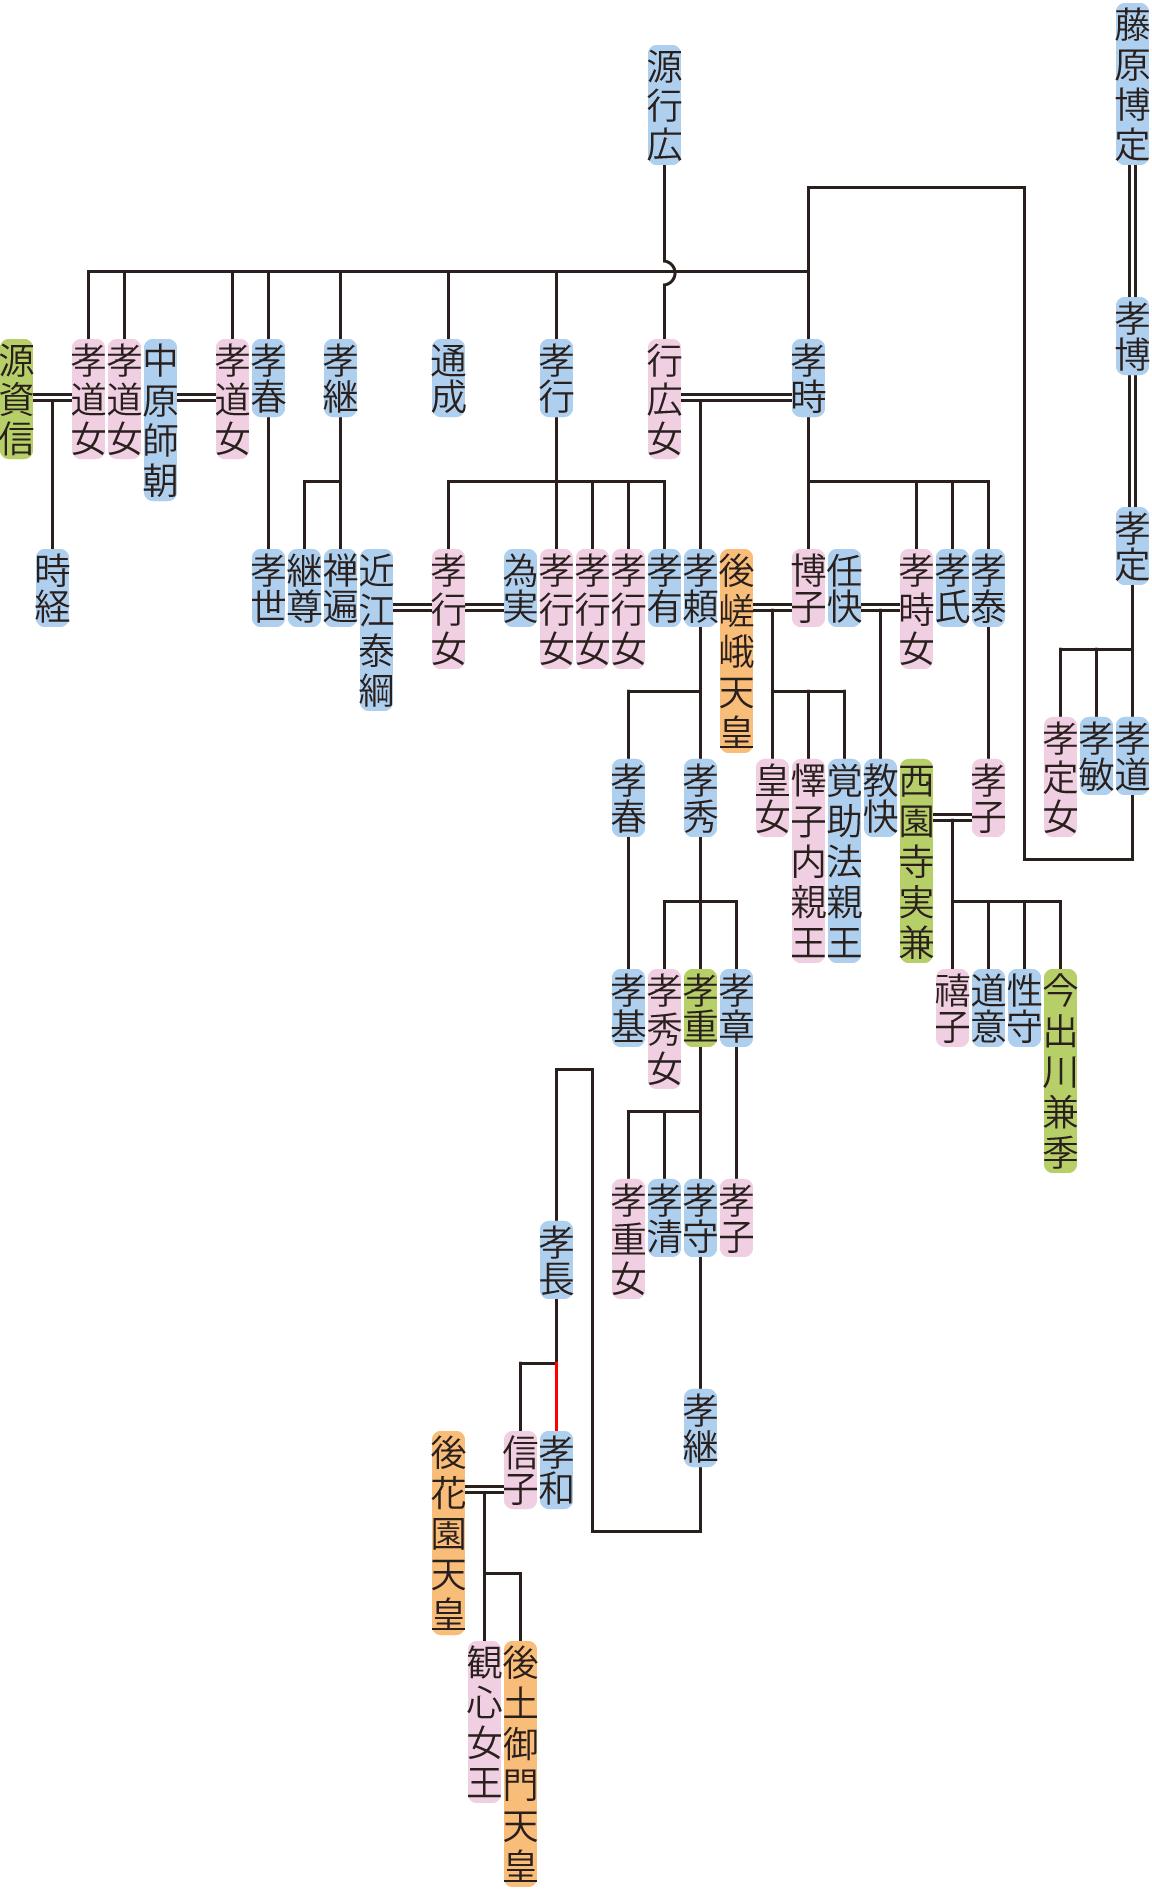 藤原孝定の系図